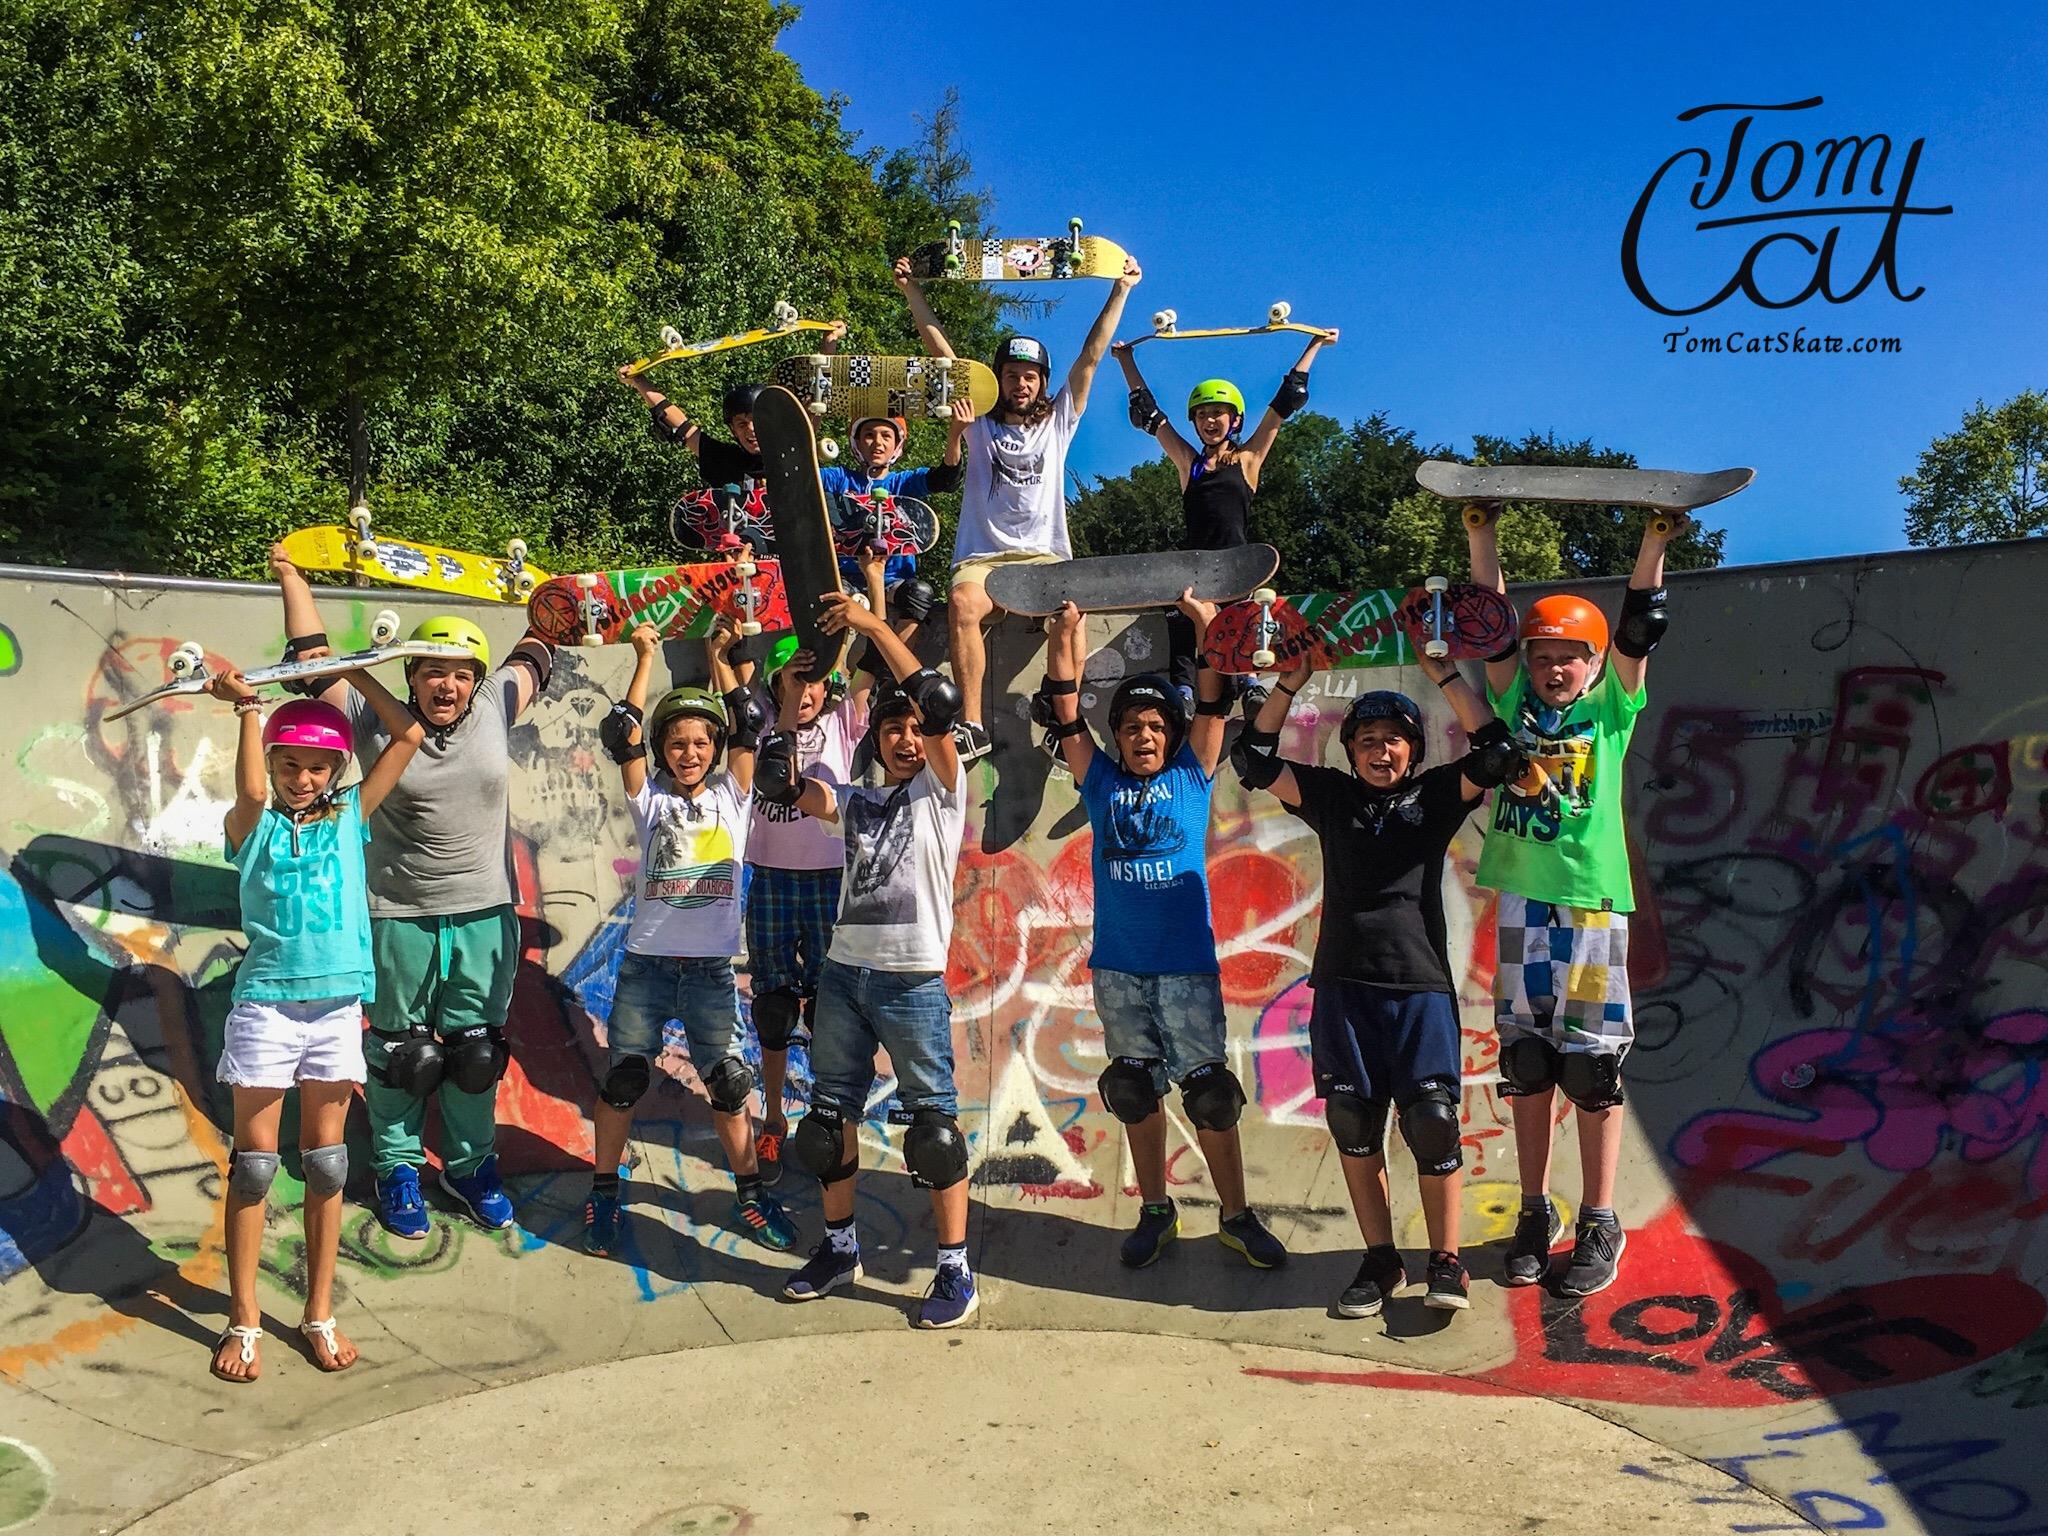 skateboardkurs-muenchen-workshop-bild